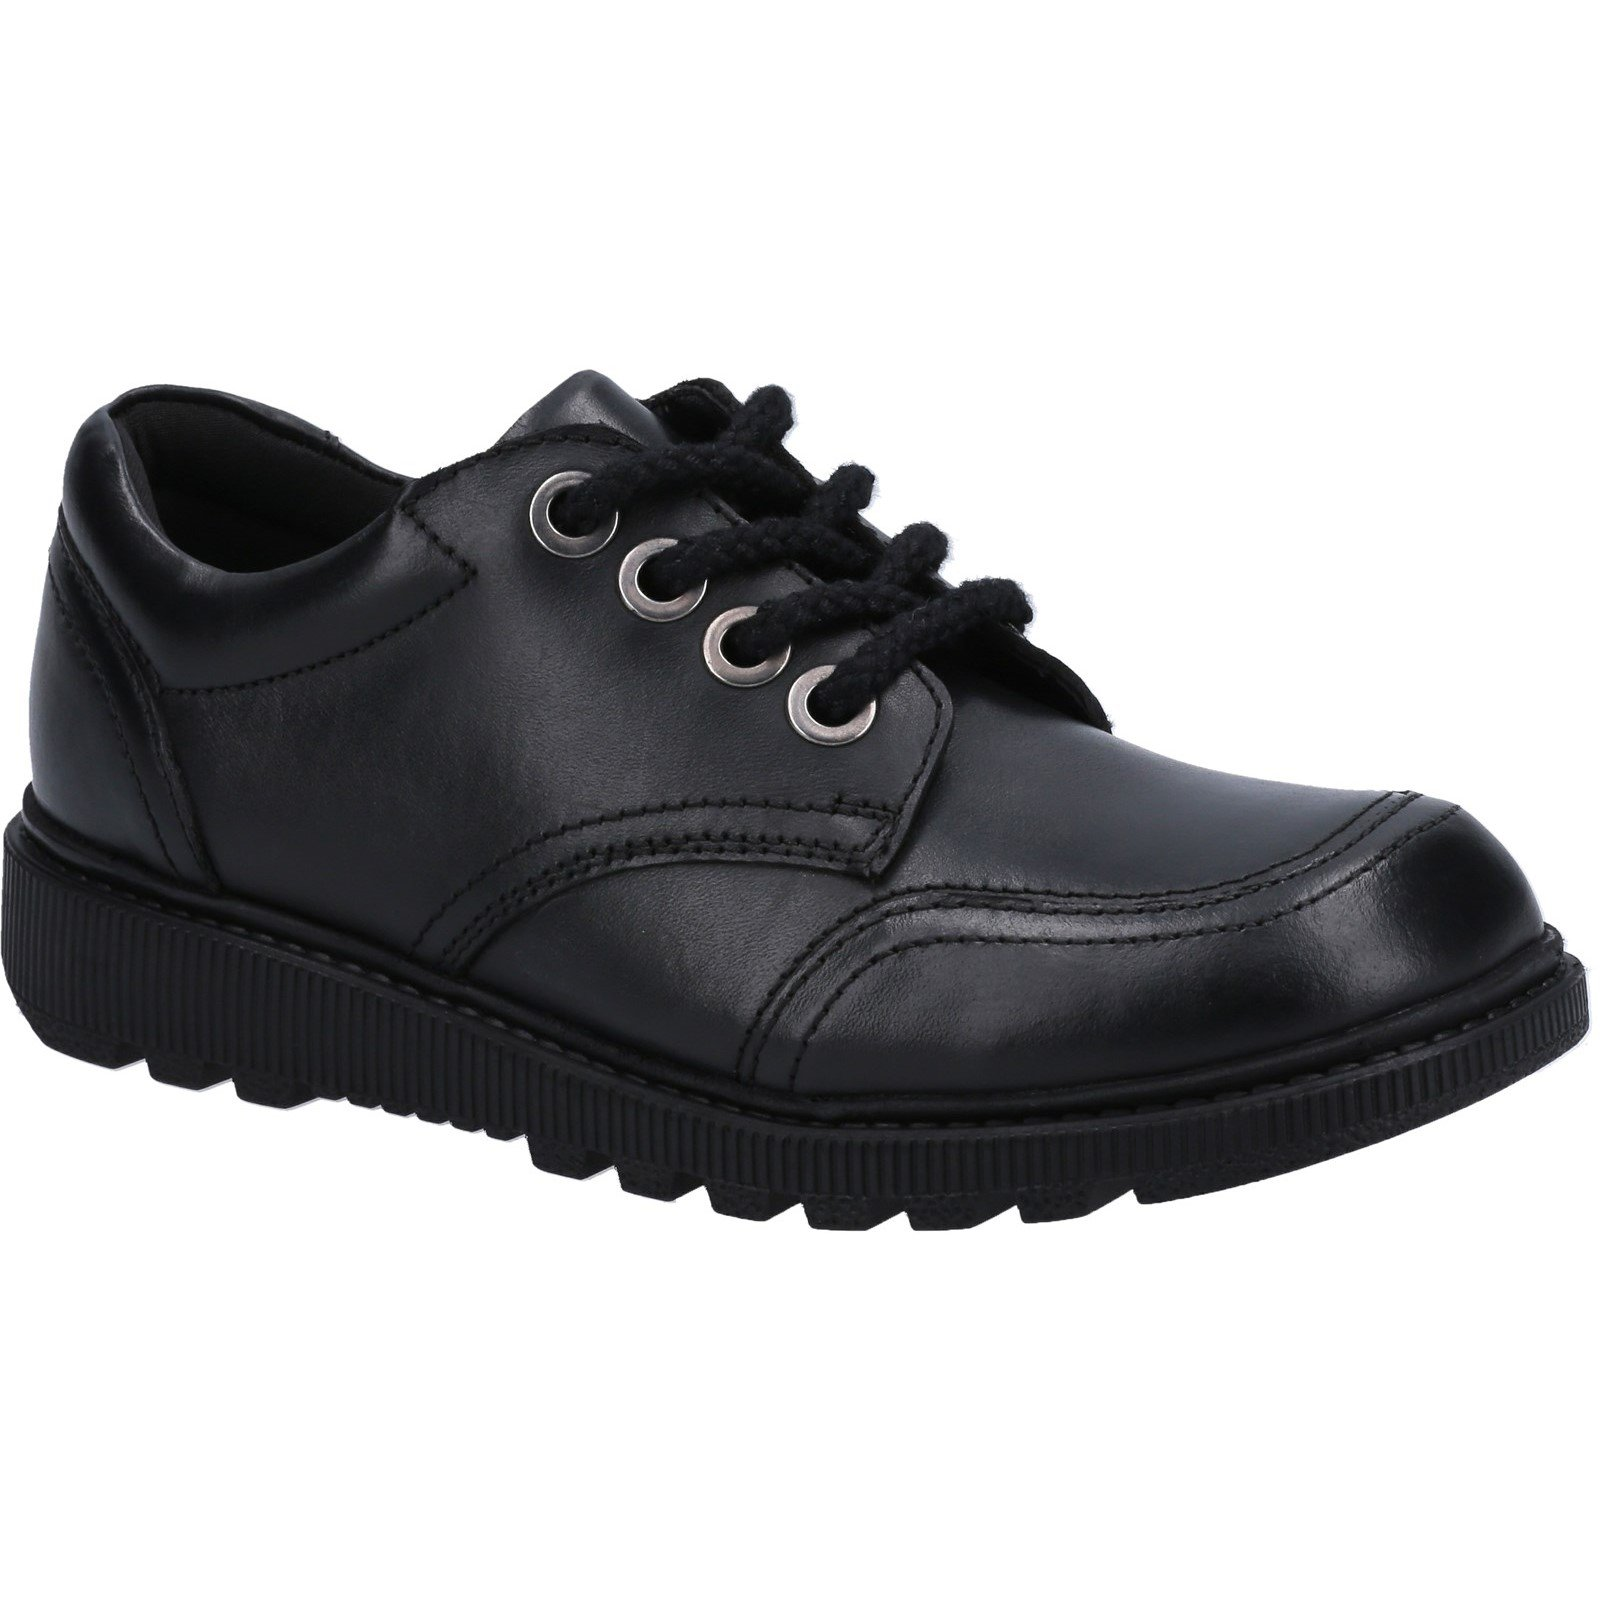 Hush Puppies Kid's Kiera Junior School Shoe Black 30821 - Black 13